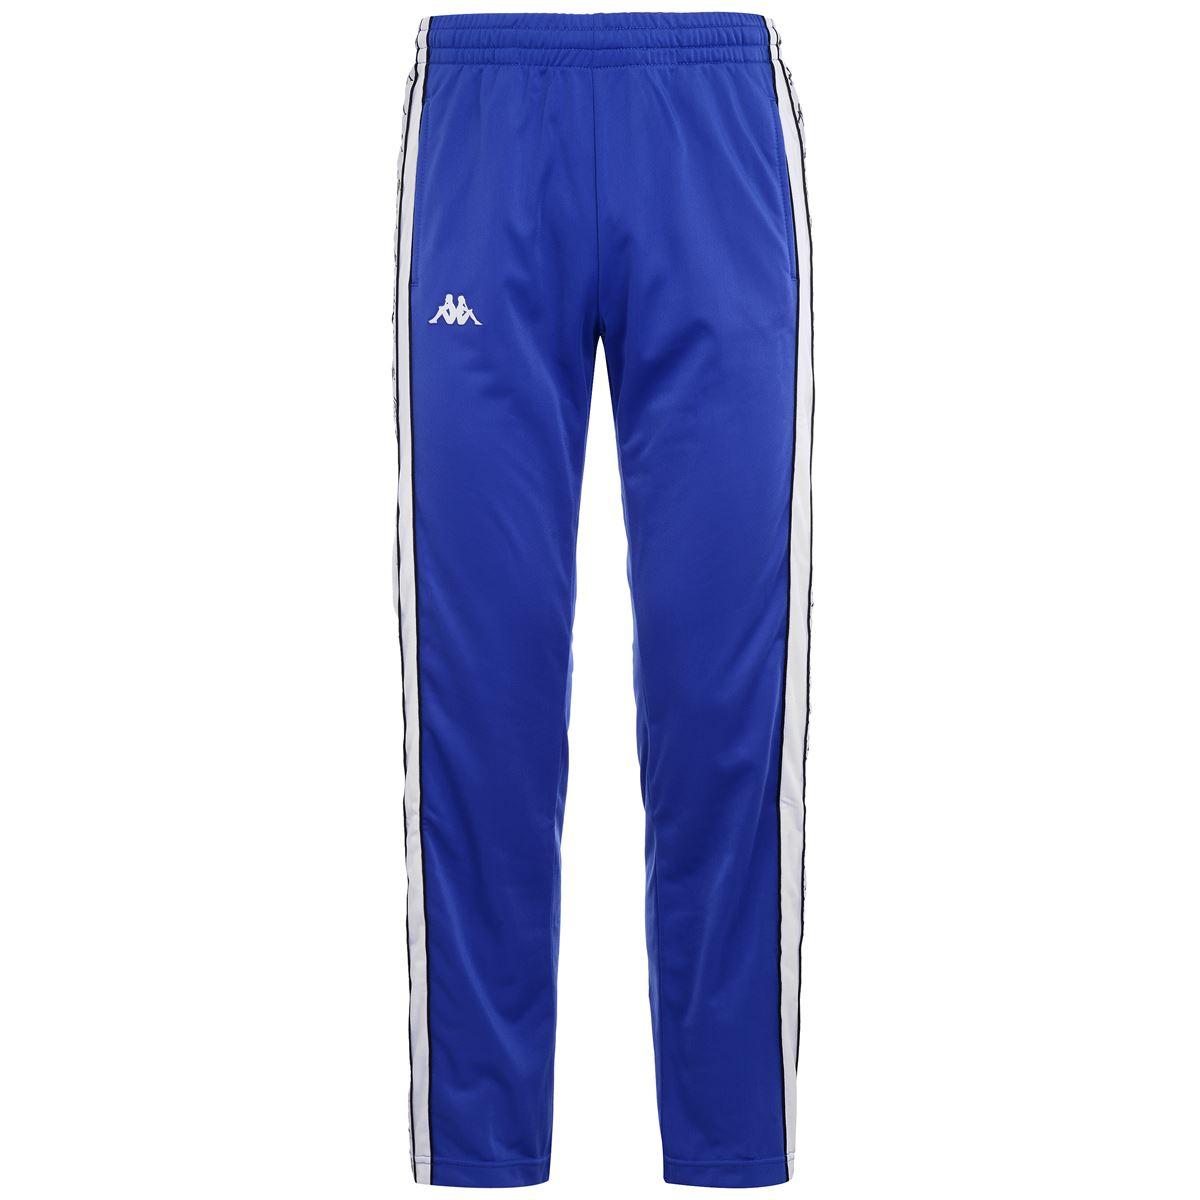 Kappa Pantaloni uomo-350462L